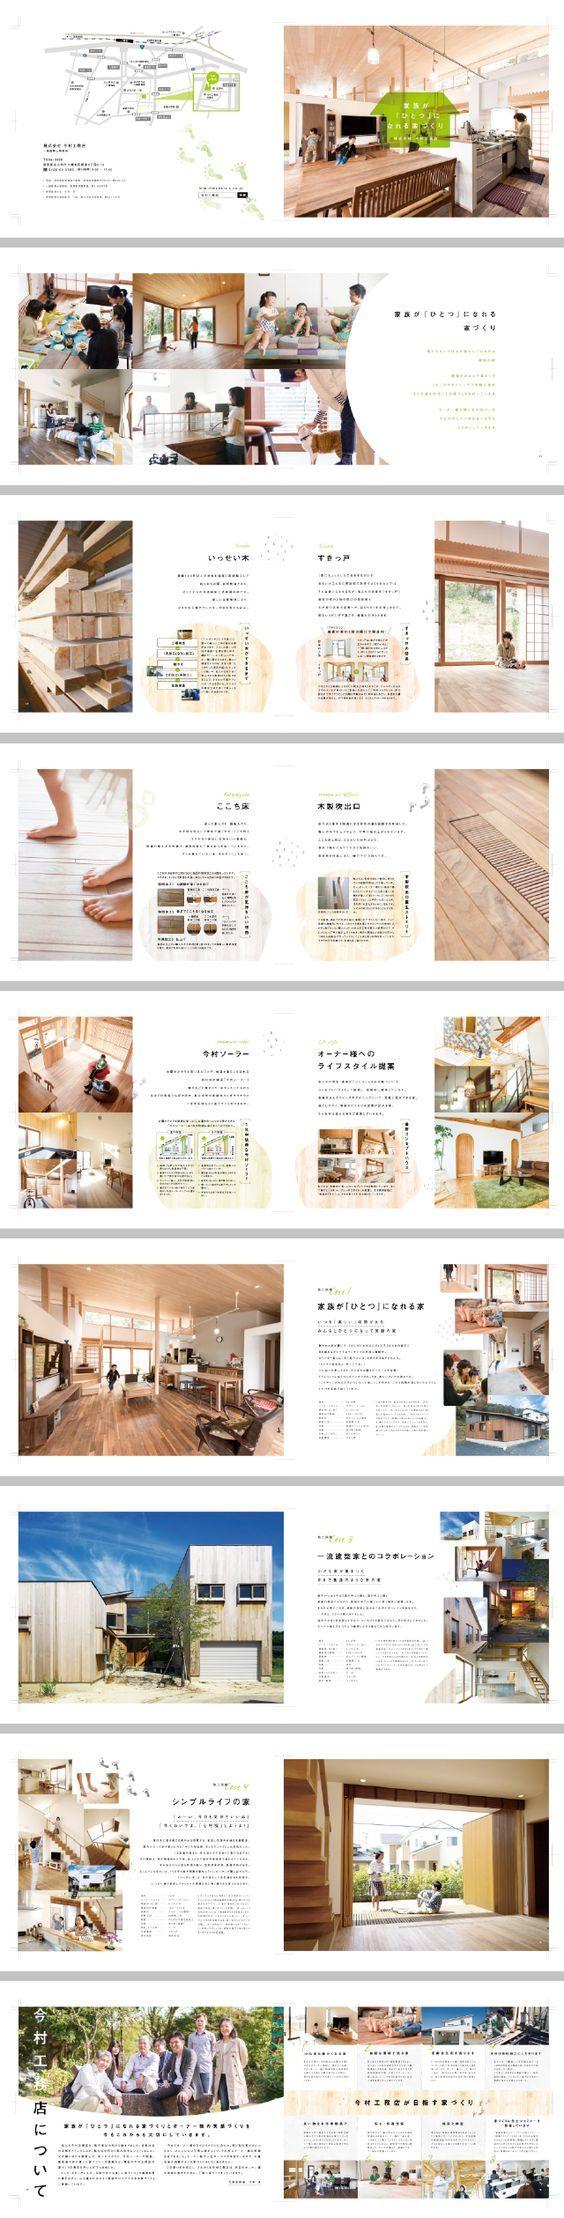 パンフレット制作|自然素材の注文住宅・リフォームを手がける「株式会社 今村工務店」様: